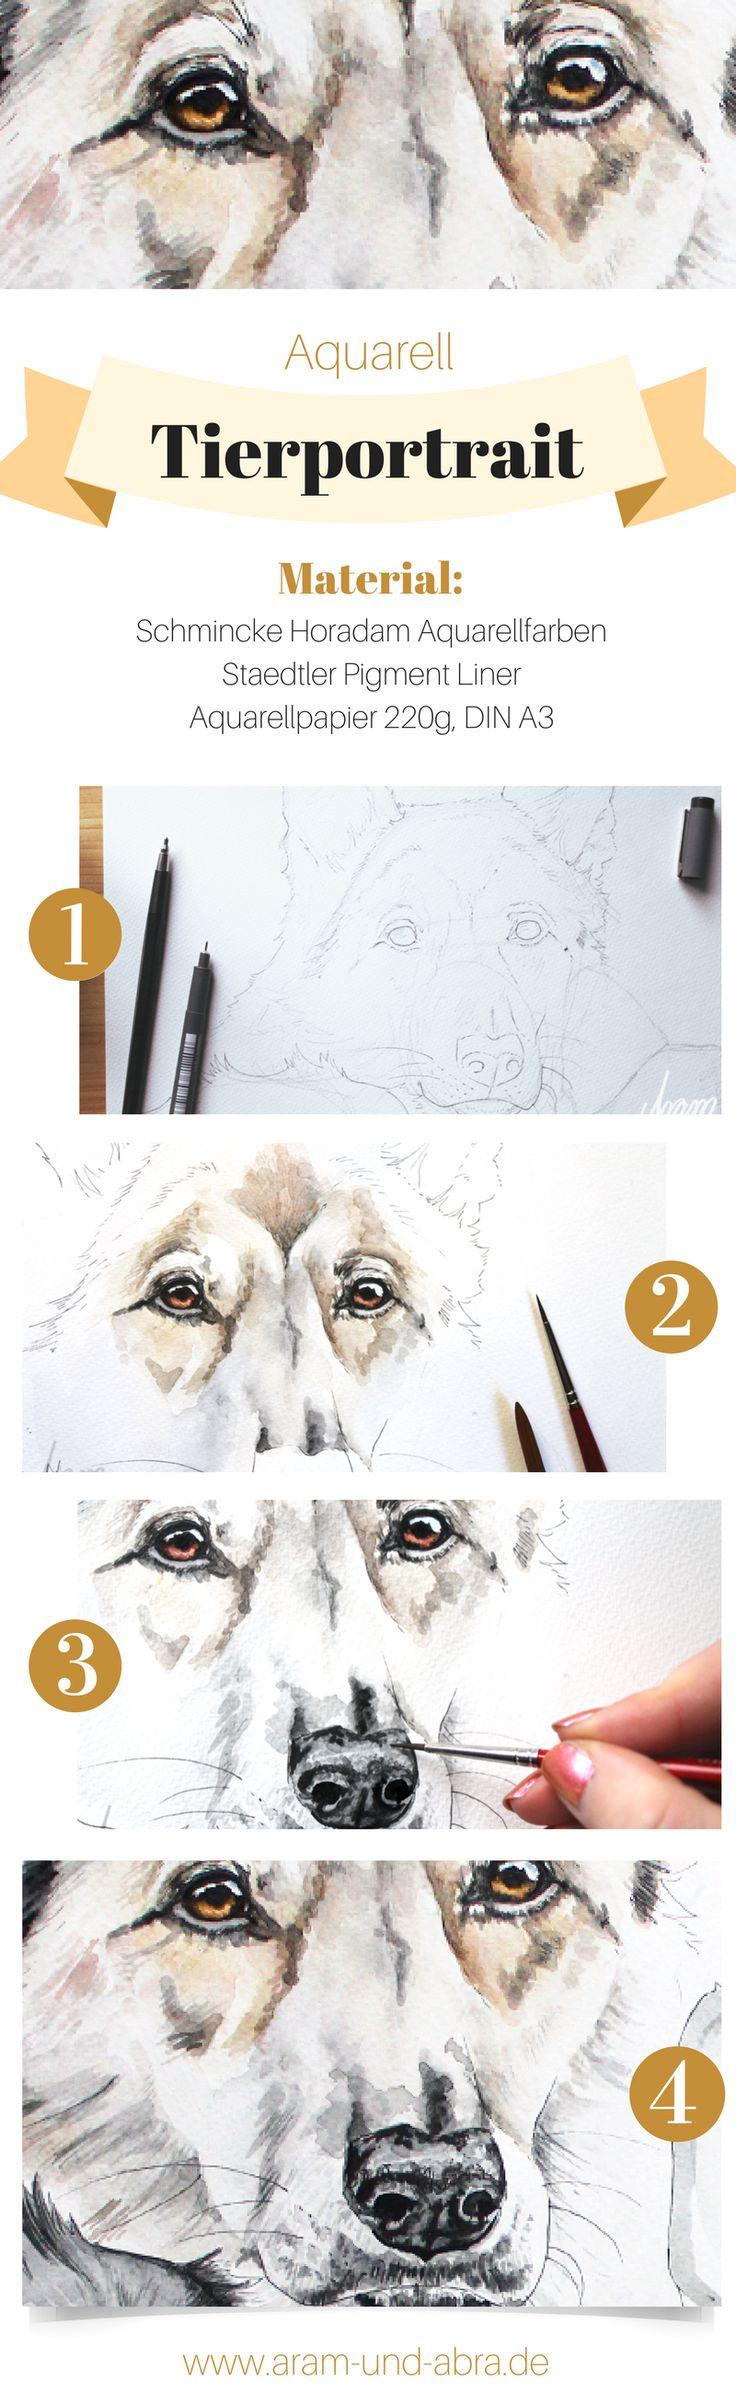 Schritt für Schritt: Hund malen in Aquarell | Portrait | Zeichnen | DIY | Tipps | Anleitung | kreativ | Kunst | Tierportrait | Hunde | Wolf | Husky | Aram und Abra | www.aram-und-abra.de